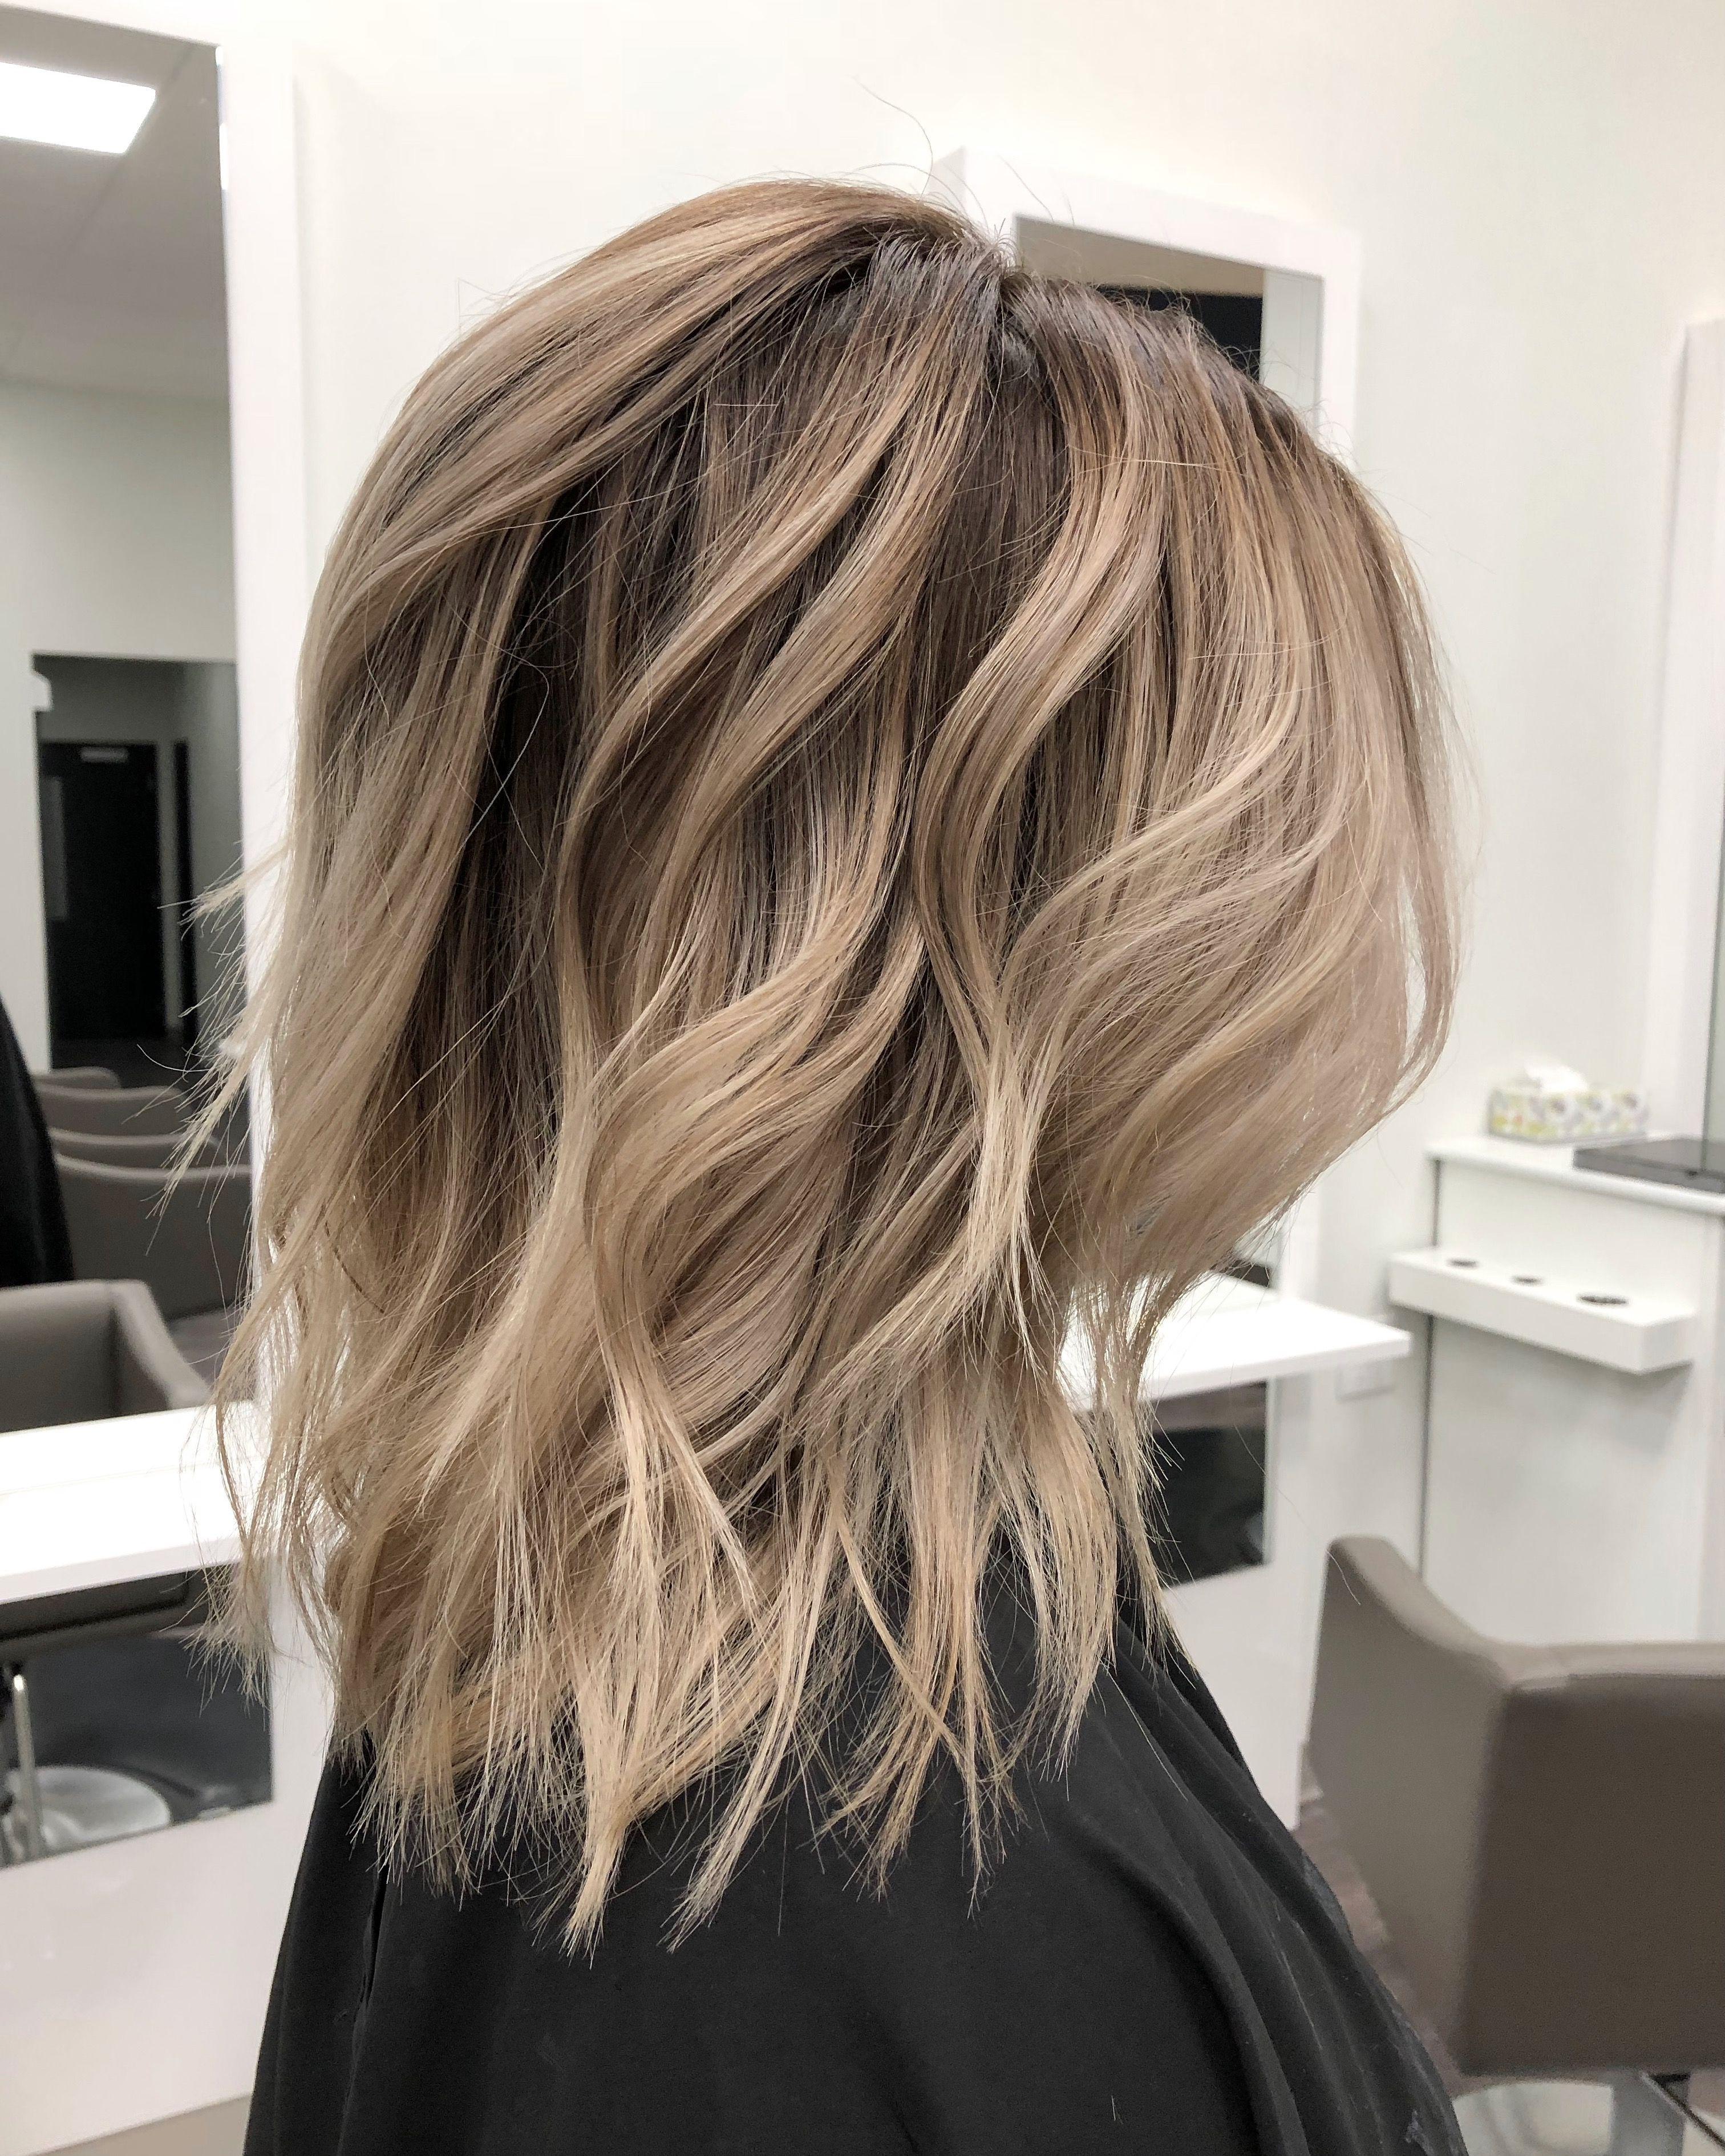 Hairstyles : Dark Ash Blonde To Light Blonde Ombre Regarding 2019 Ash Bronde Ombre Hairstyles (View 6 of 20)